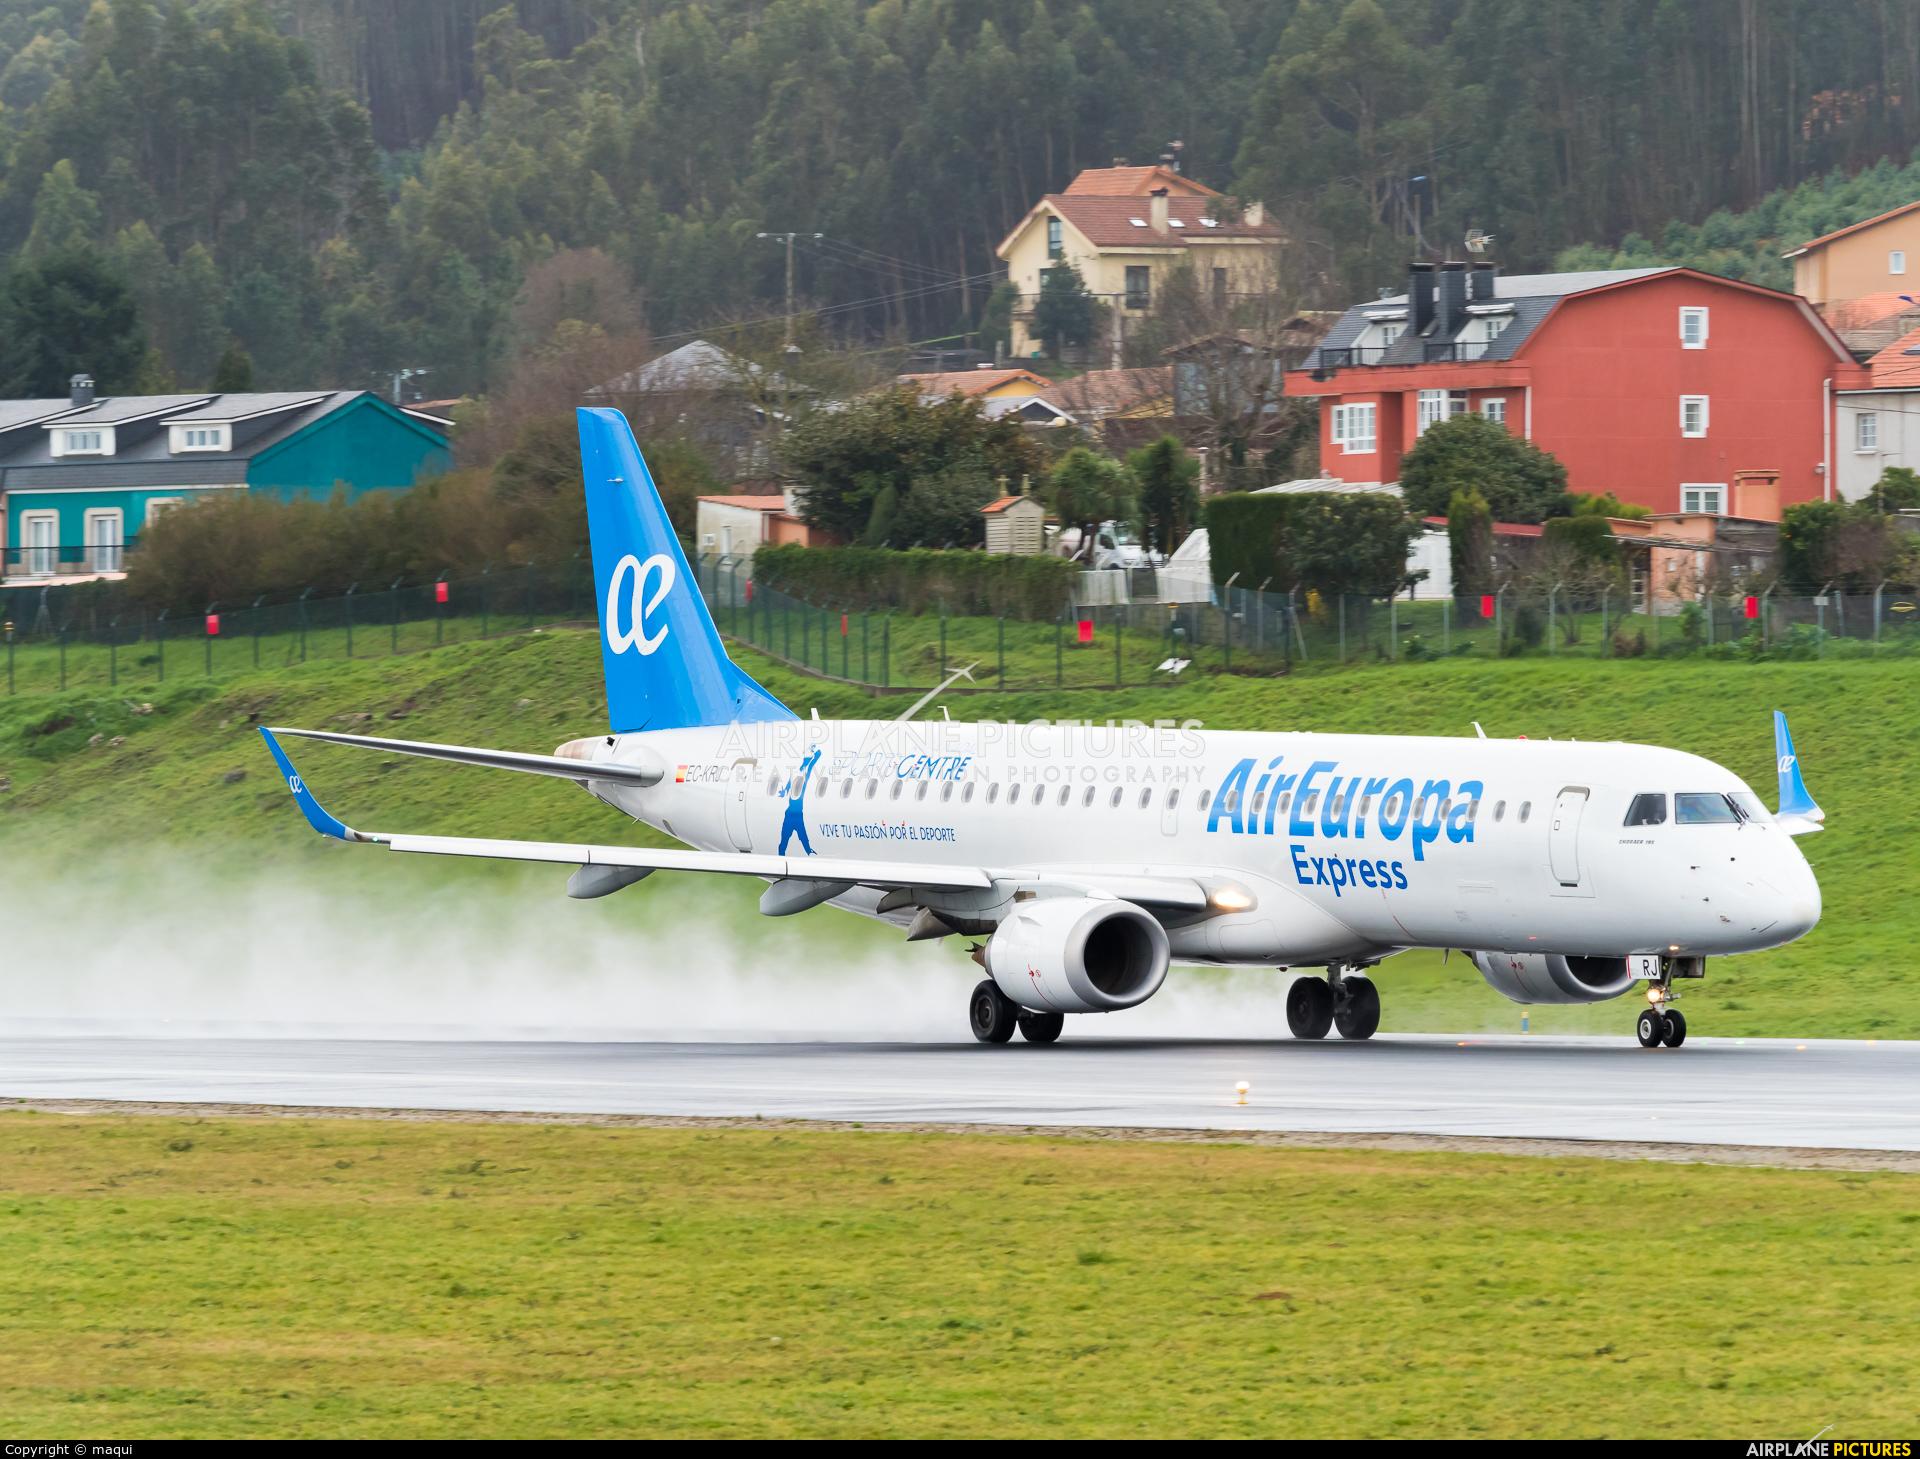 Air Europa Express EC-KRJ aircraft at La Coruña